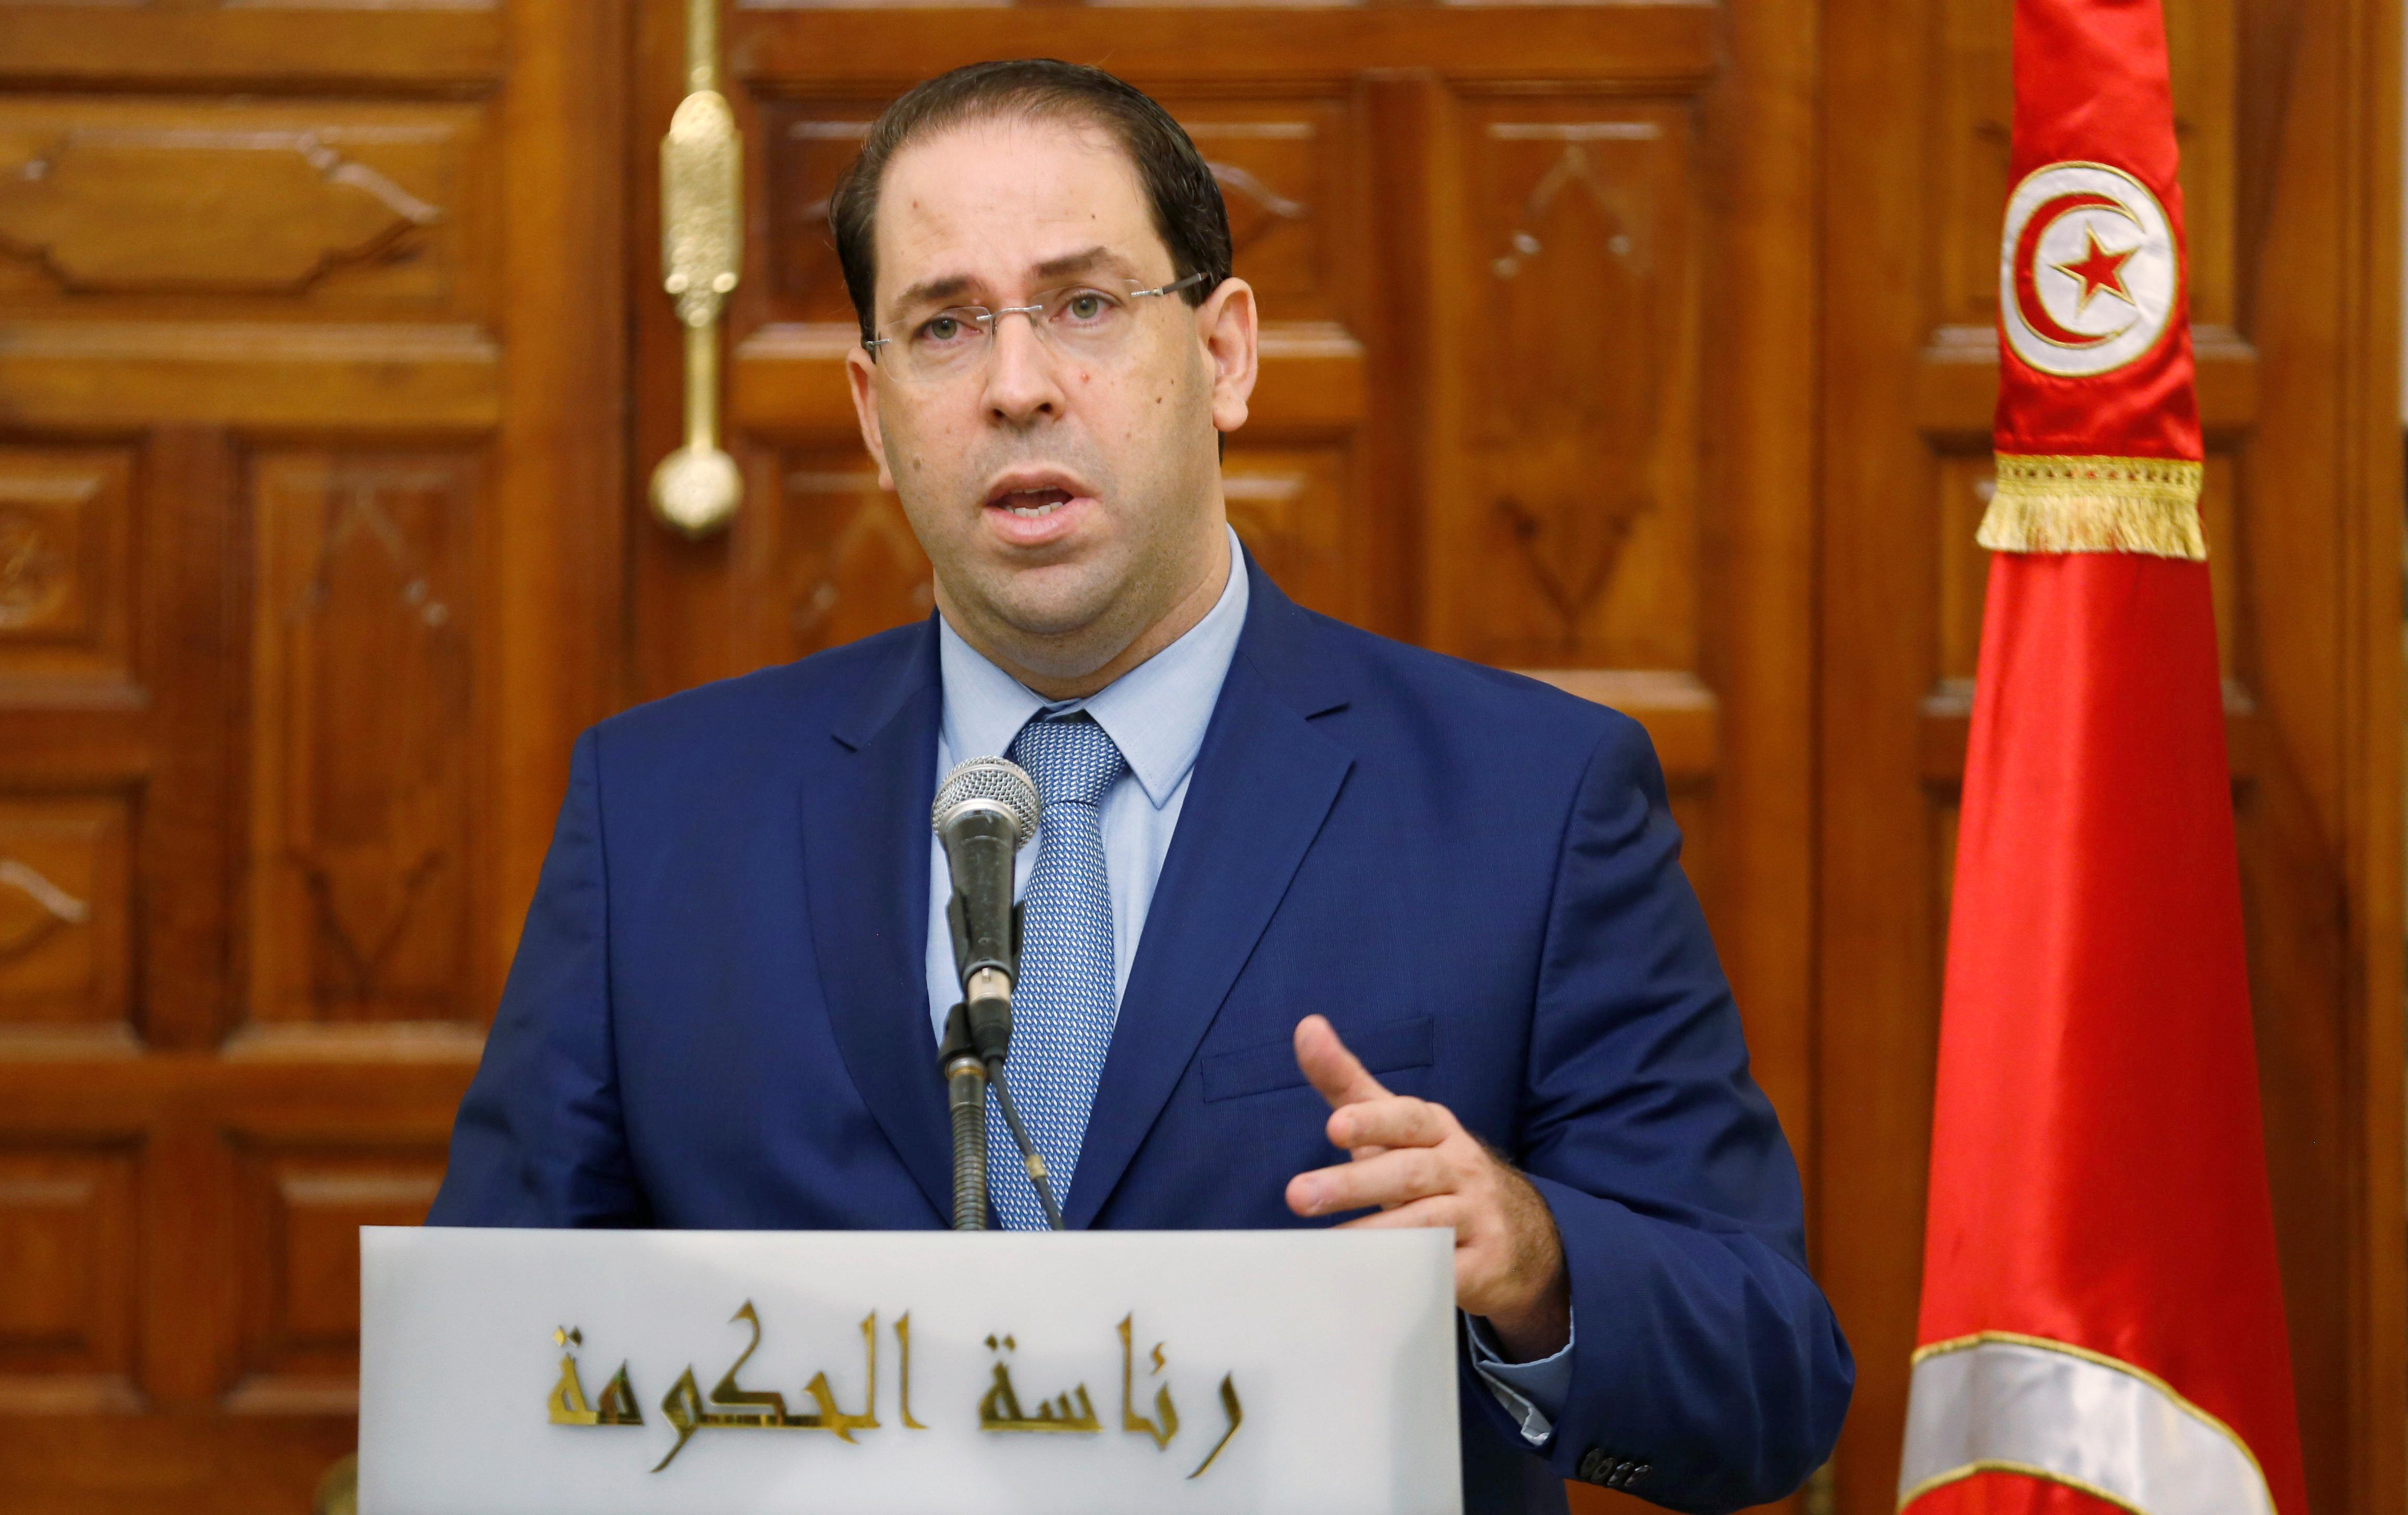 Youssef Chahed pourrait obtenir le soutien d'Ennahdha à la présidentielle selon Rached